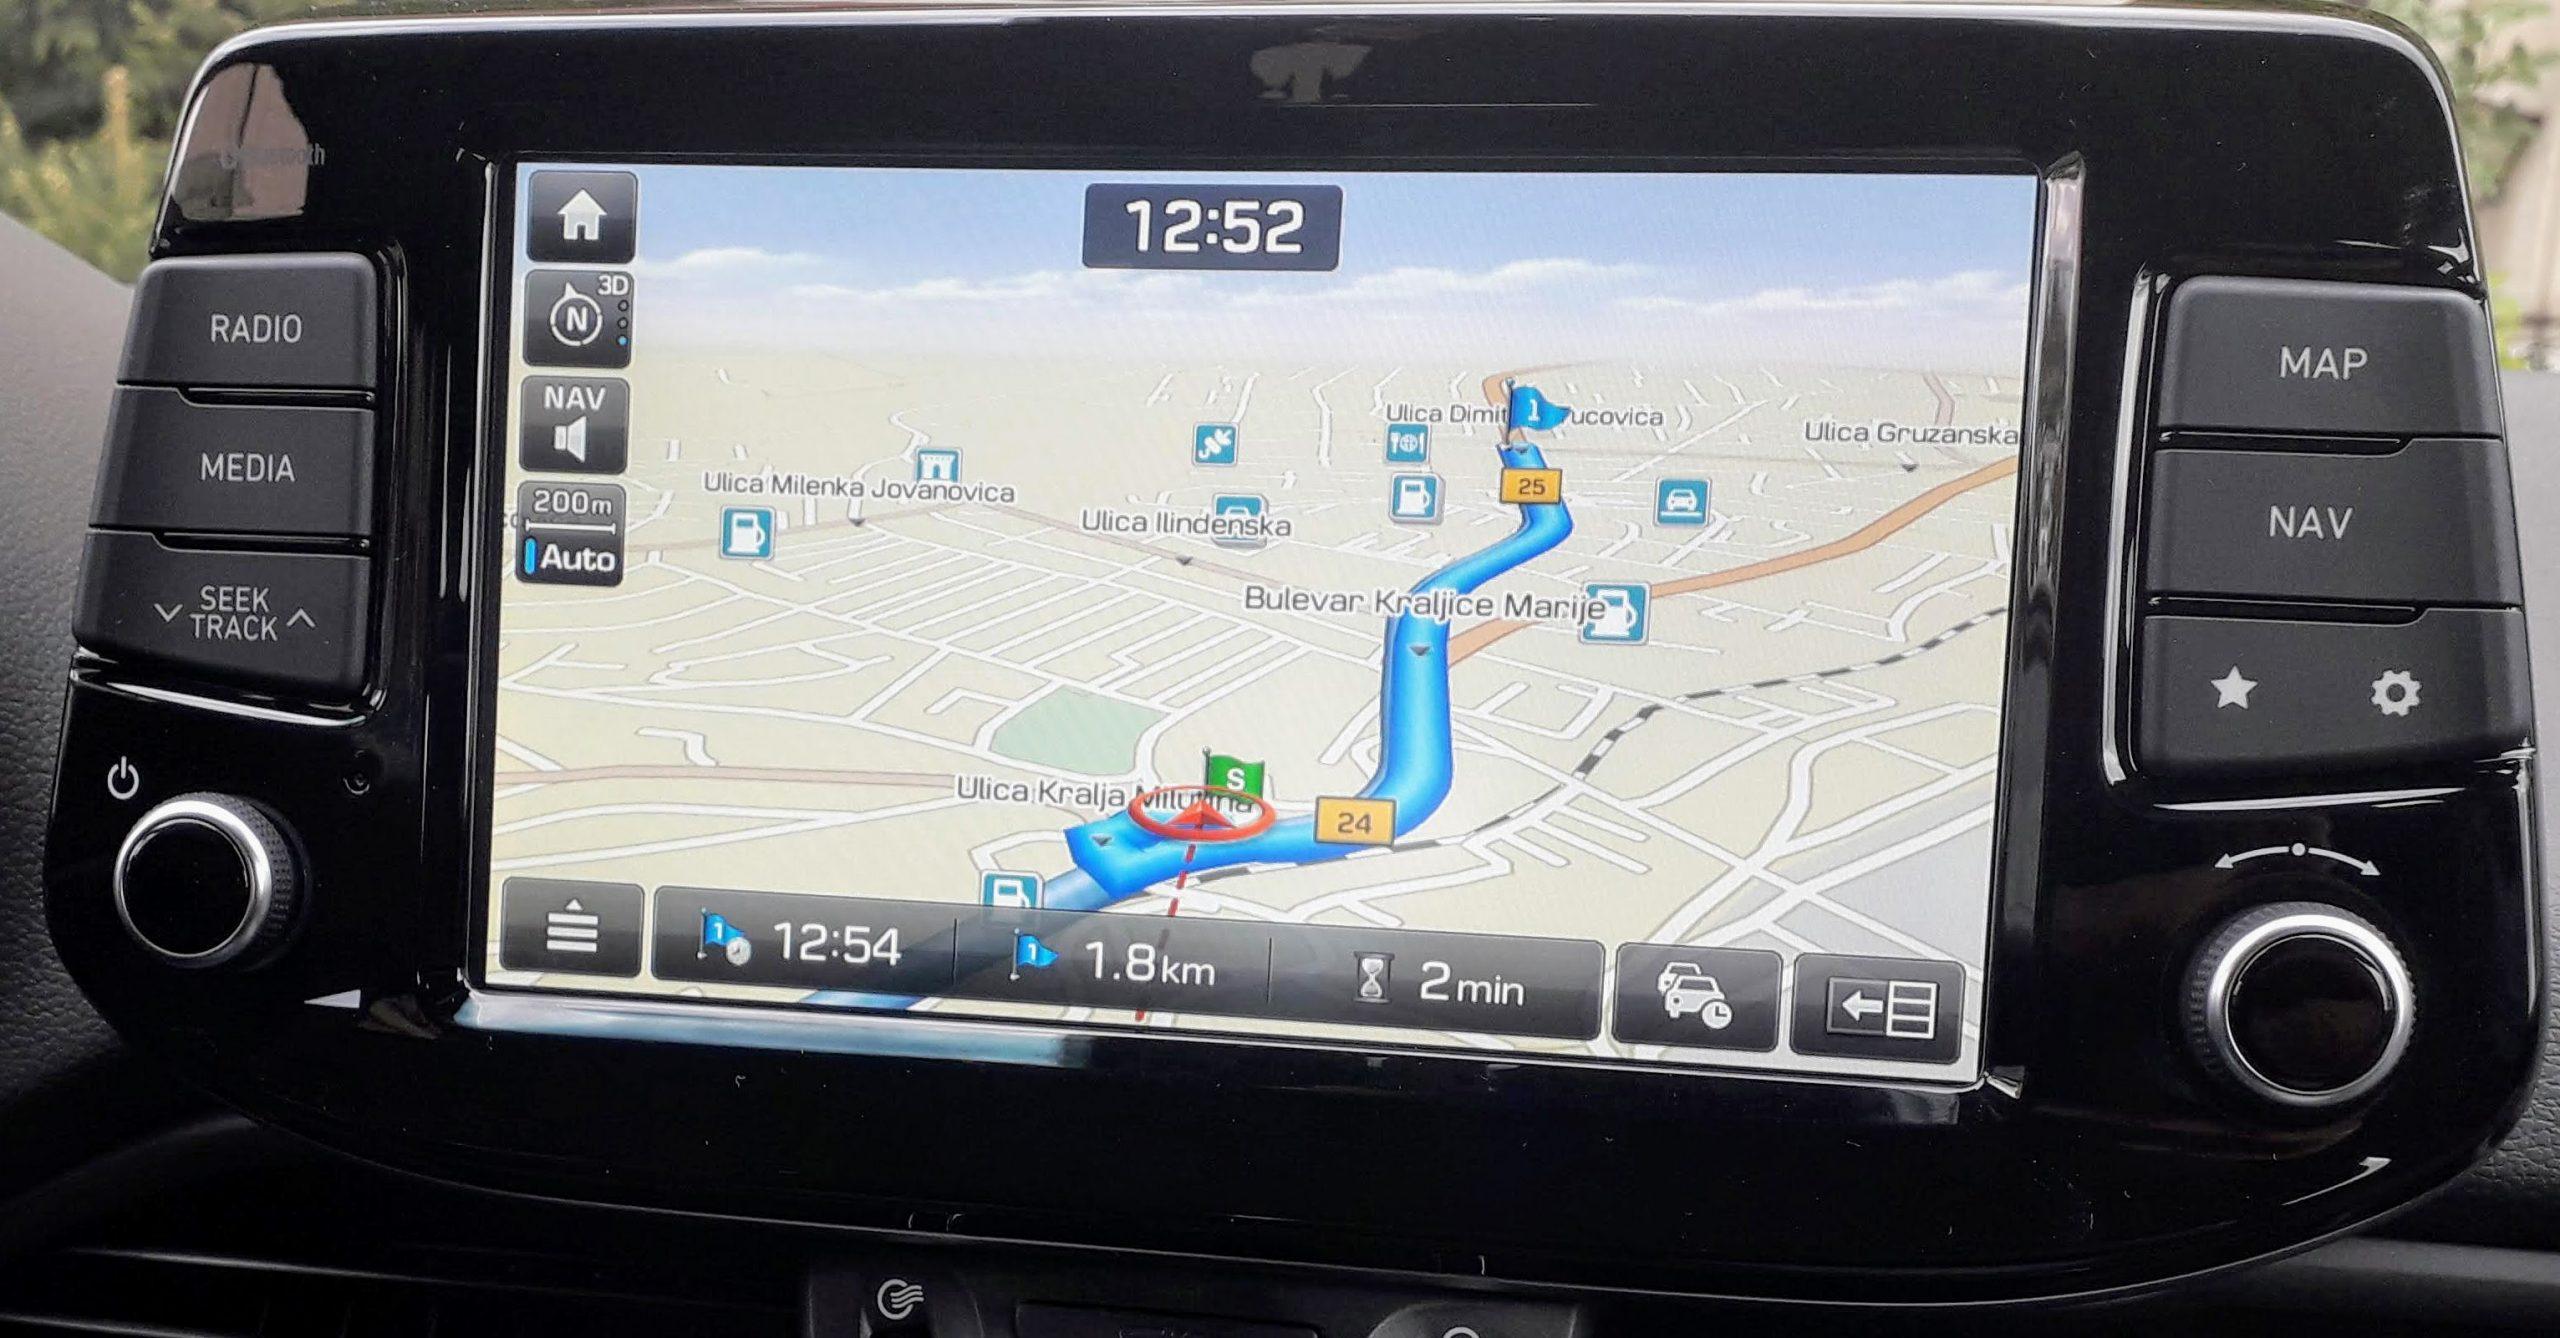 Najnovije Mape Srbije I Evrope 2020 Za Kia I Hyundai Fabricke